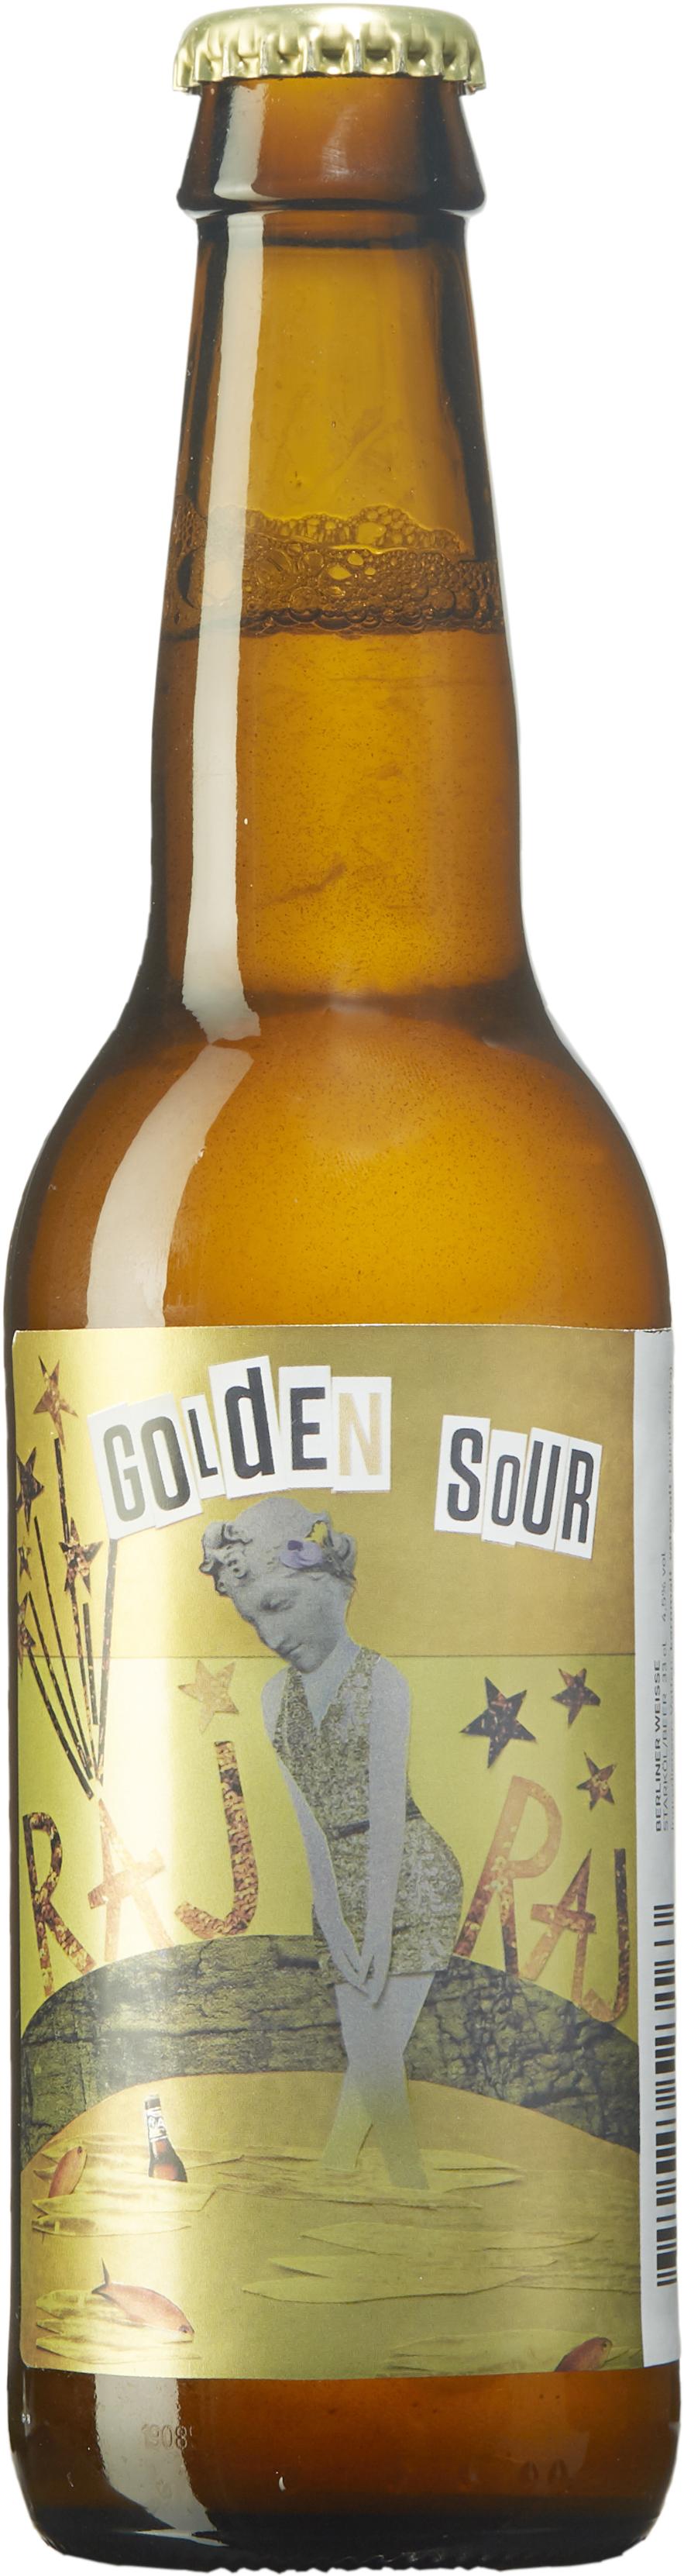 Golden Sour